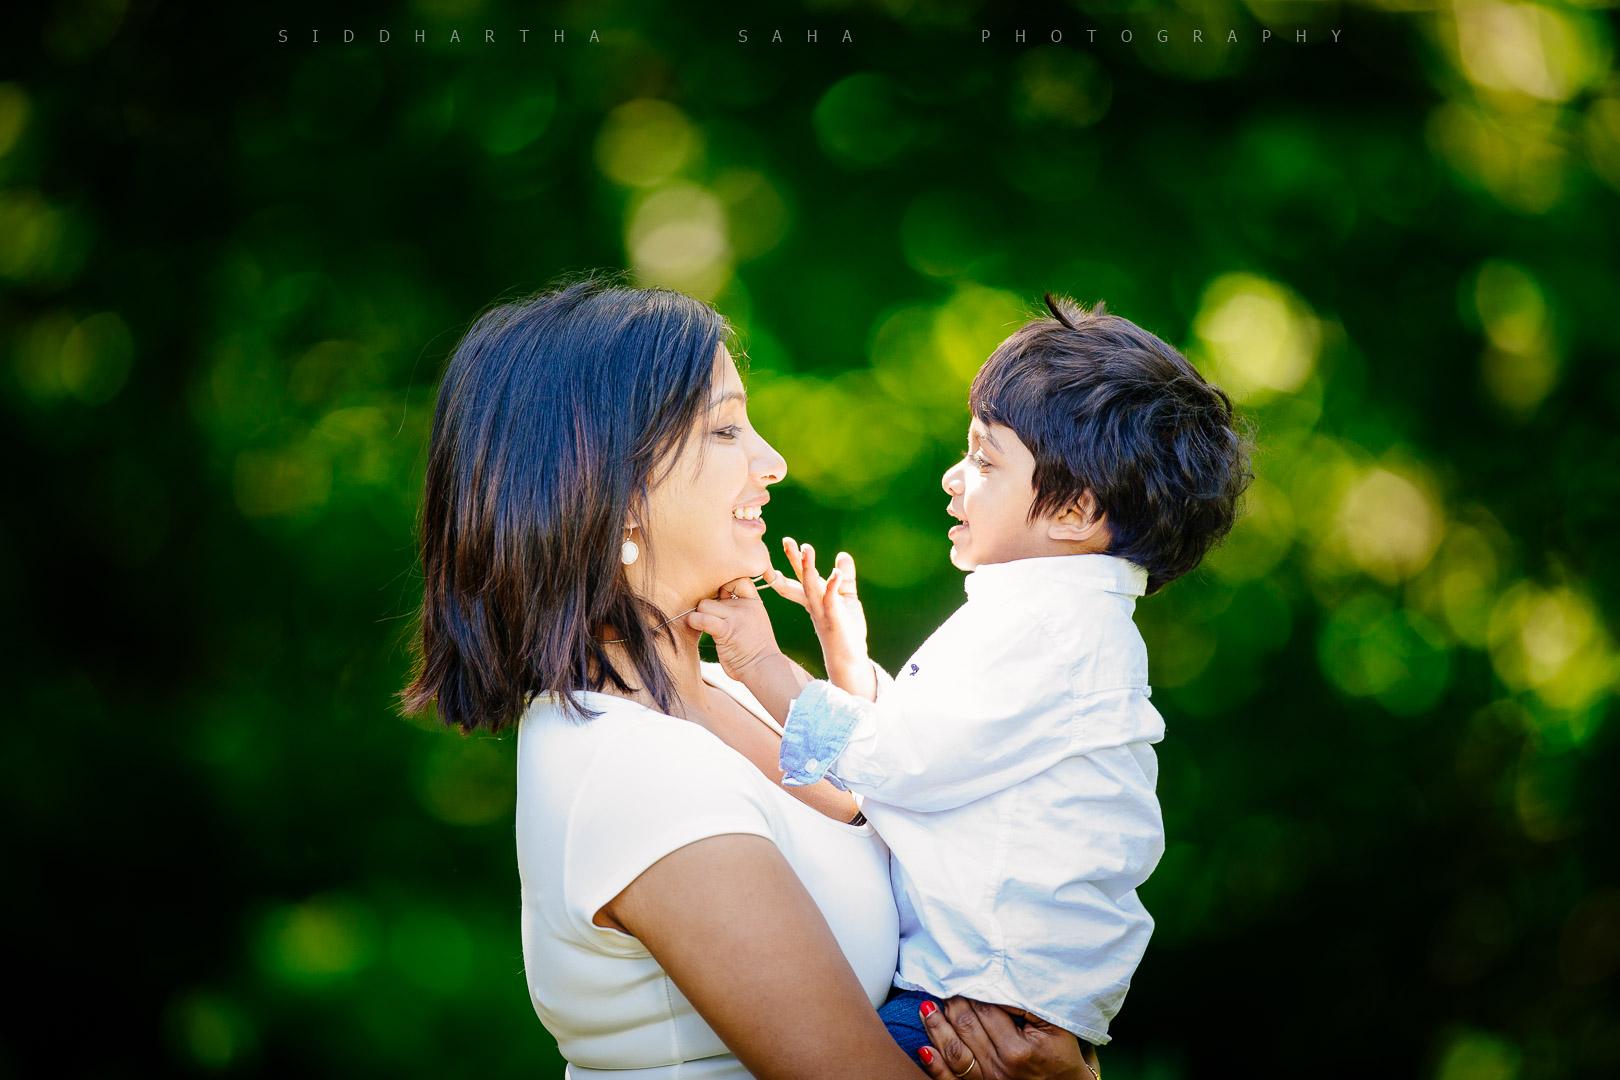 2015-06-14 - Ranjani Naveen Vihaan Photoshoot - _05Y6595